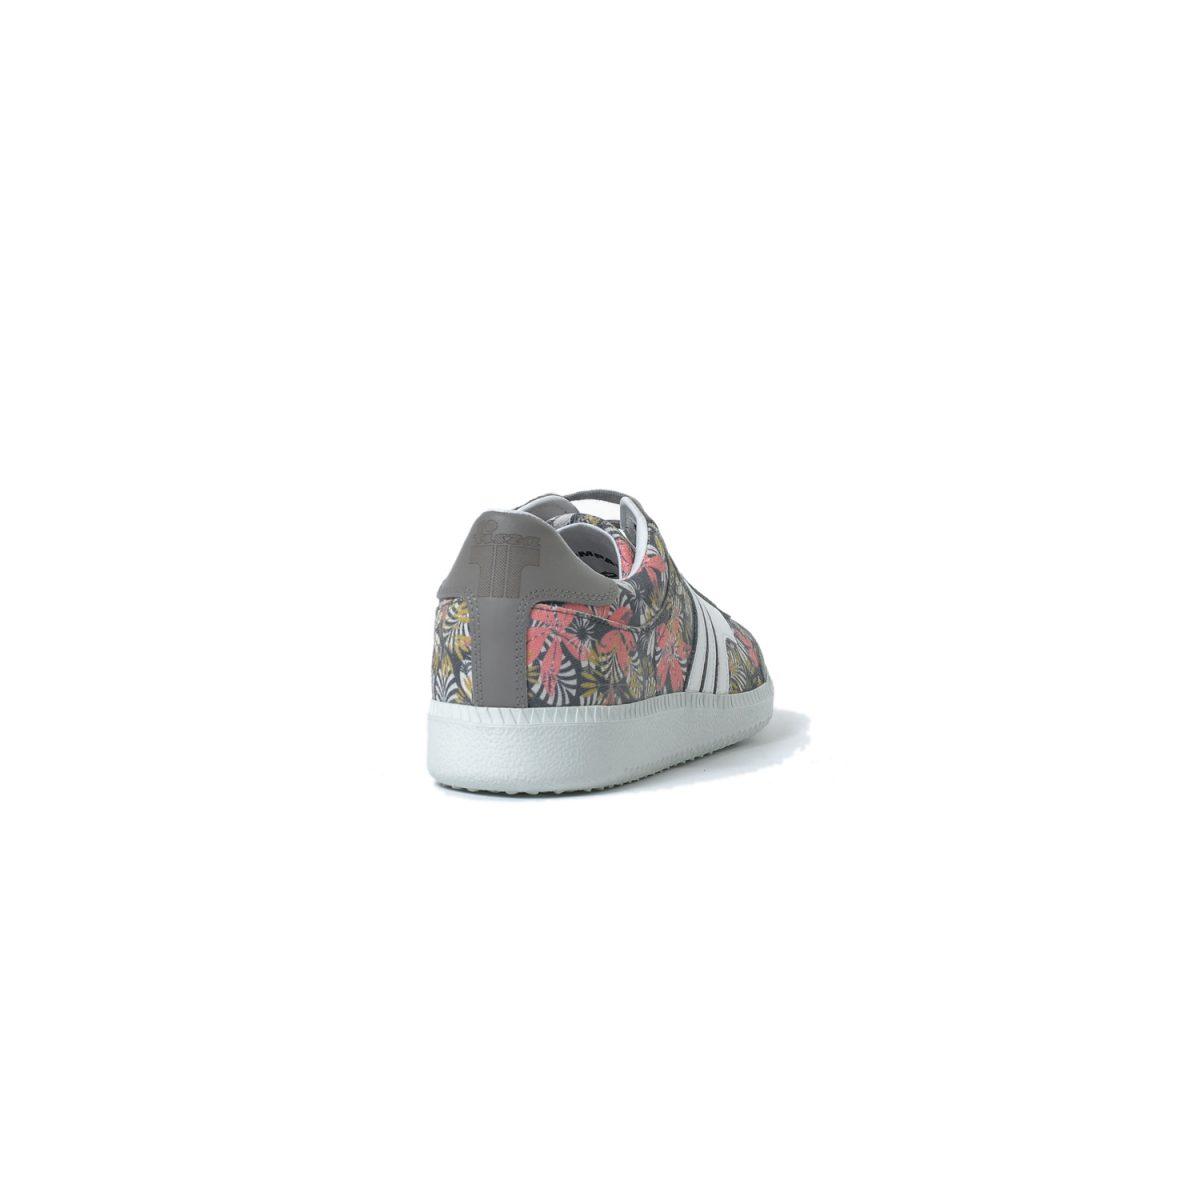 Tisza cipő - Compakt - Virág